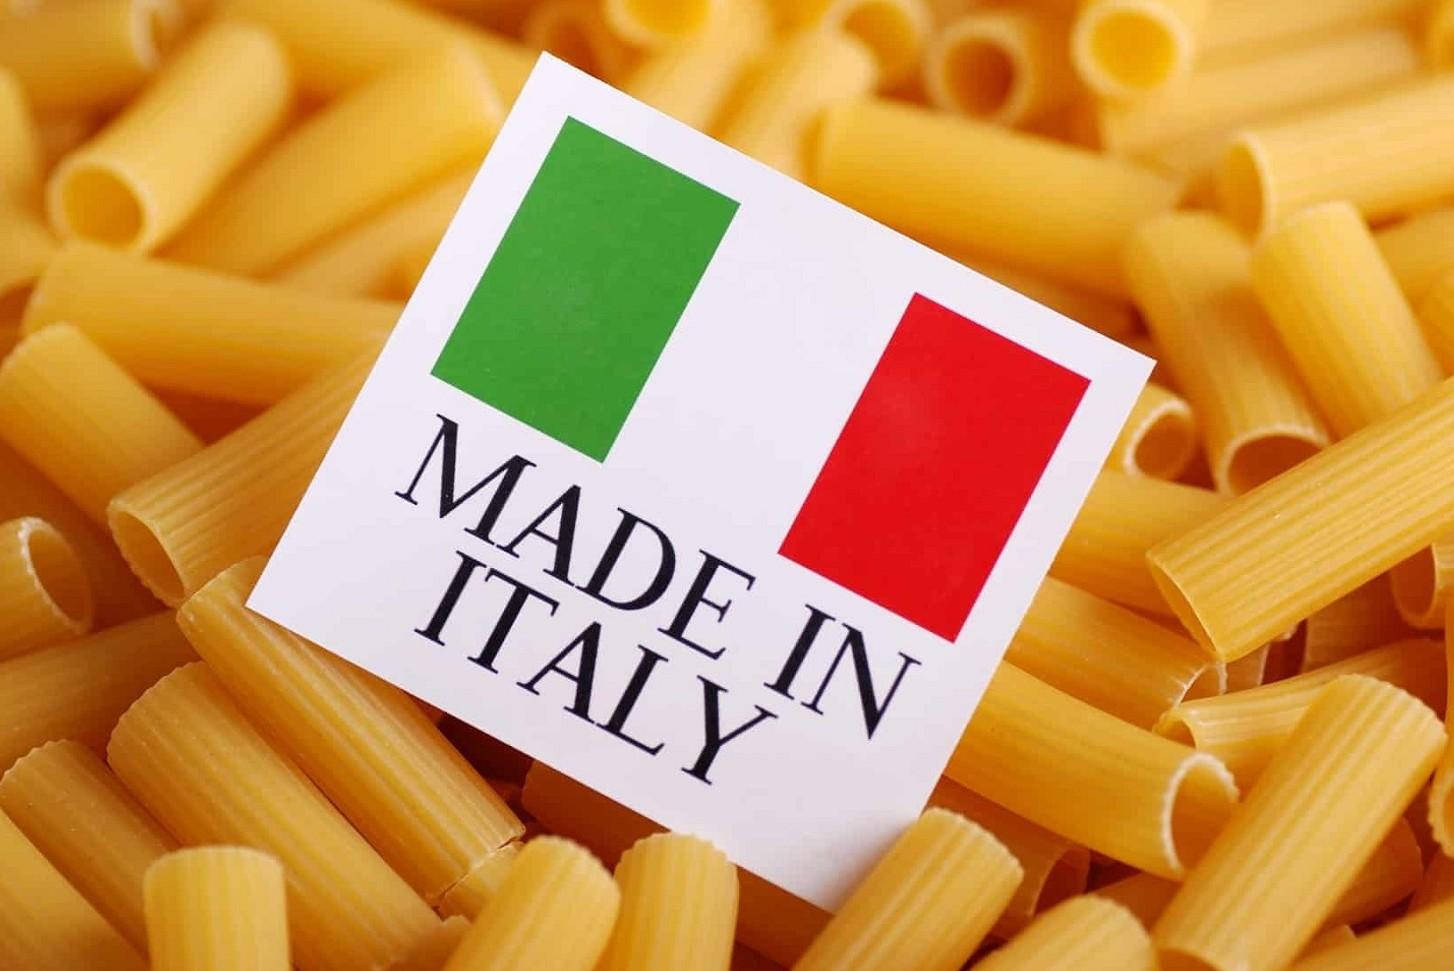 Pasta, 3 piatti di pasta su 4 in Europa